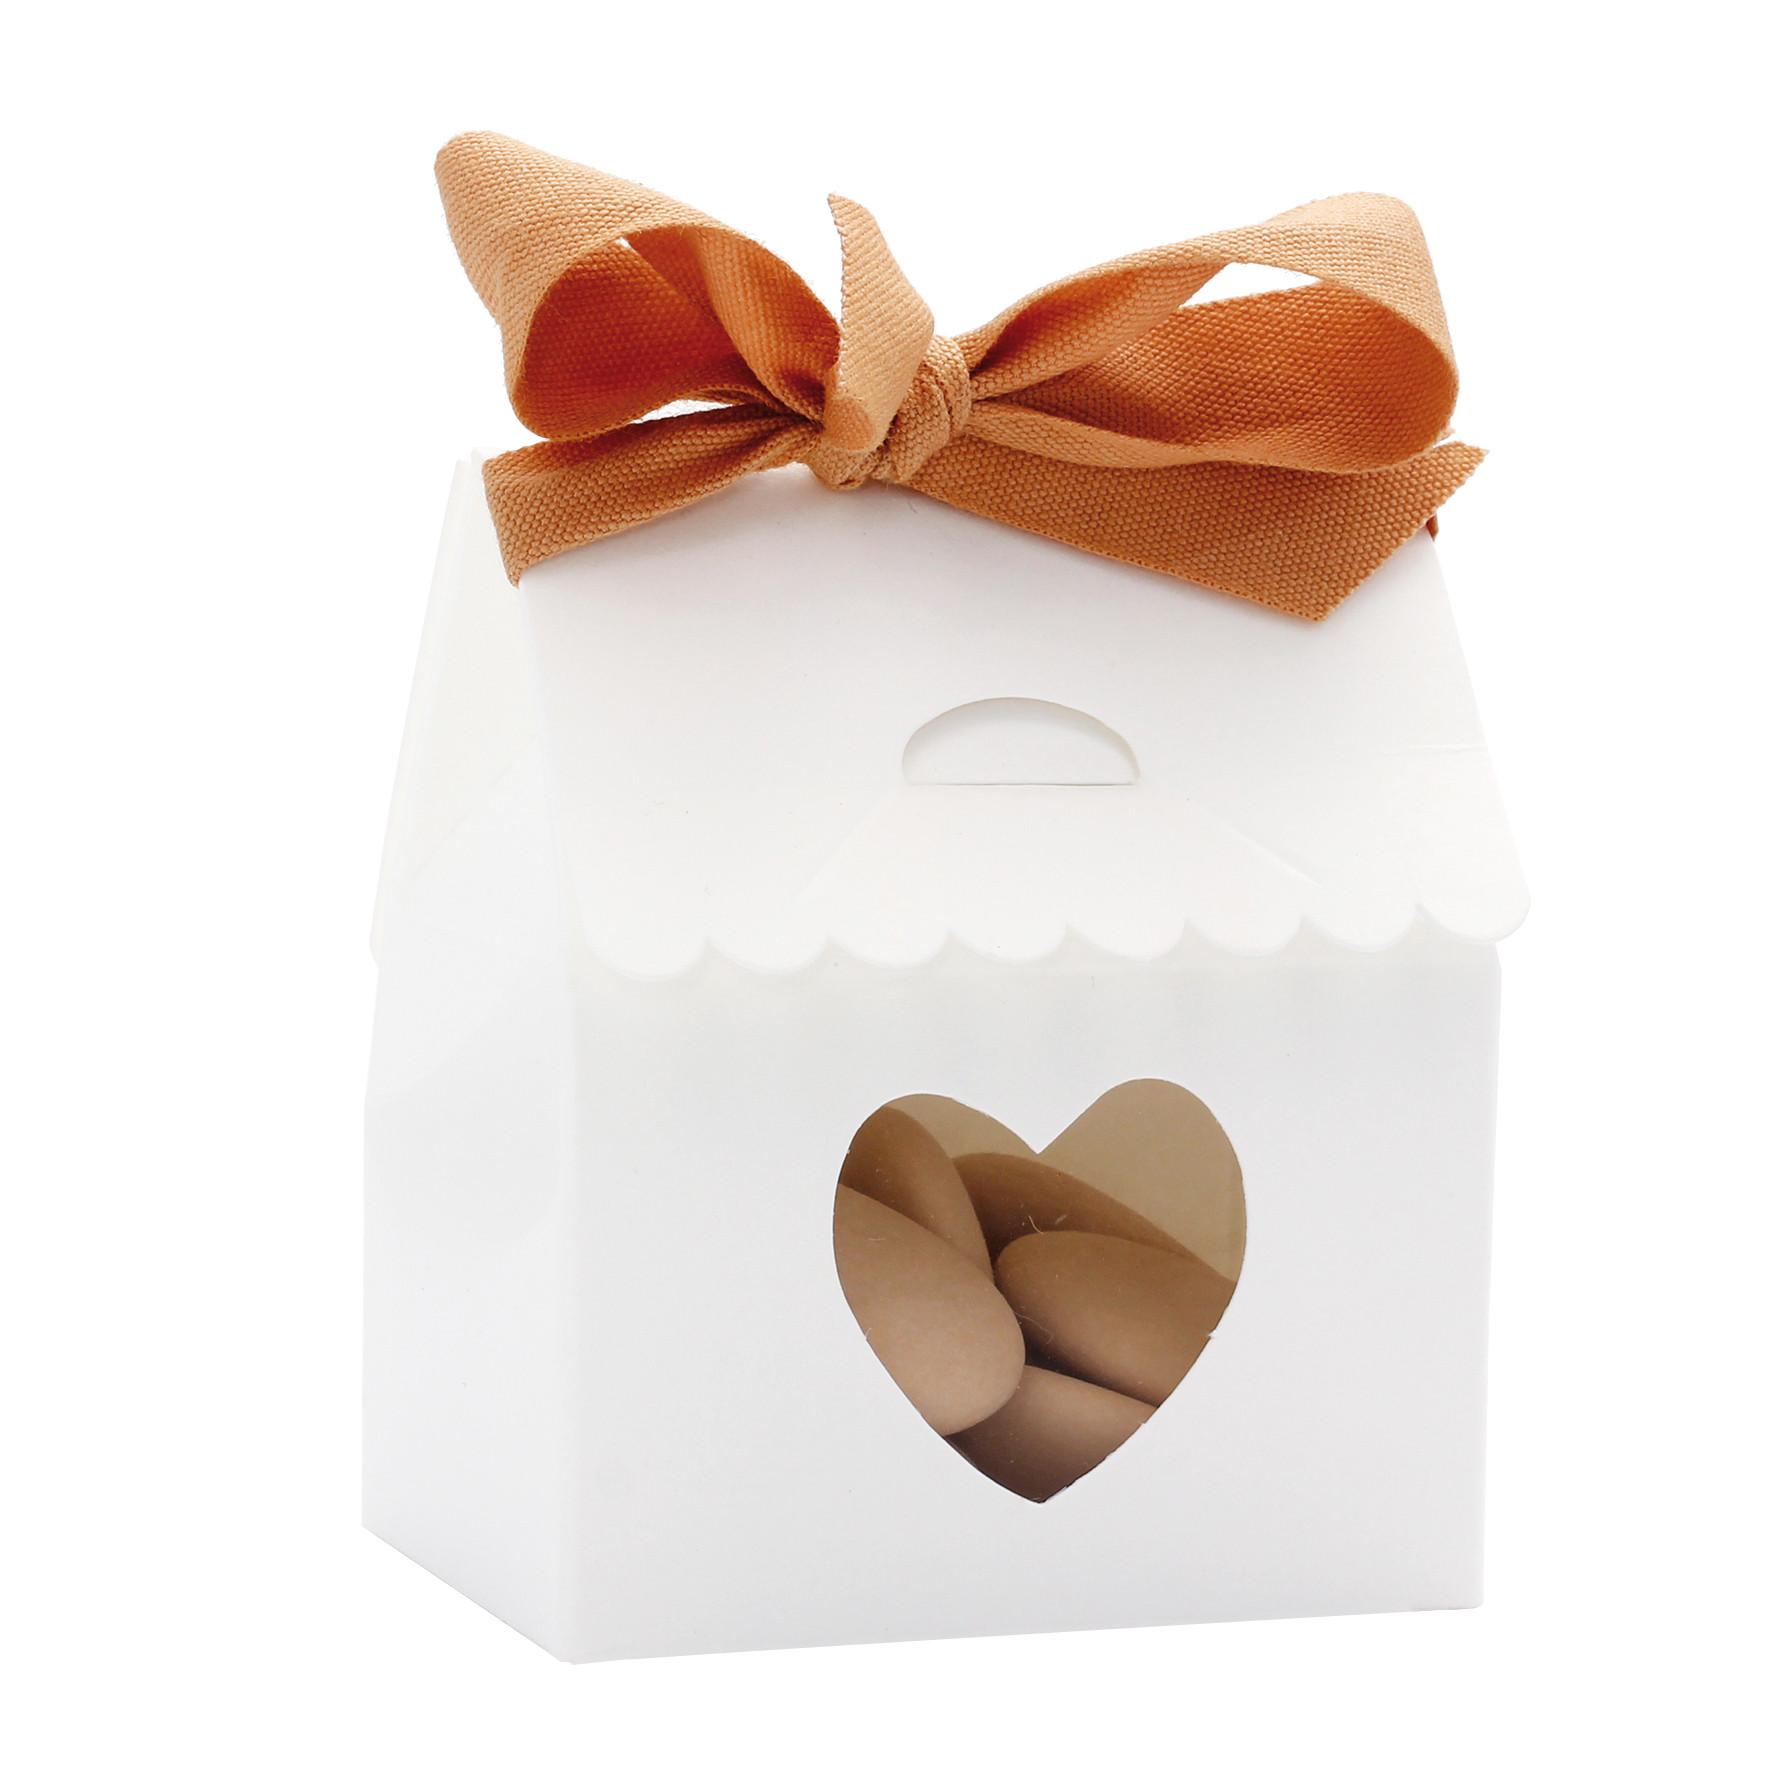 devis en ligne drag es france chocolats fran ais de neuville nice. Black Bedroom Furniture Sets. Home Design Ideas